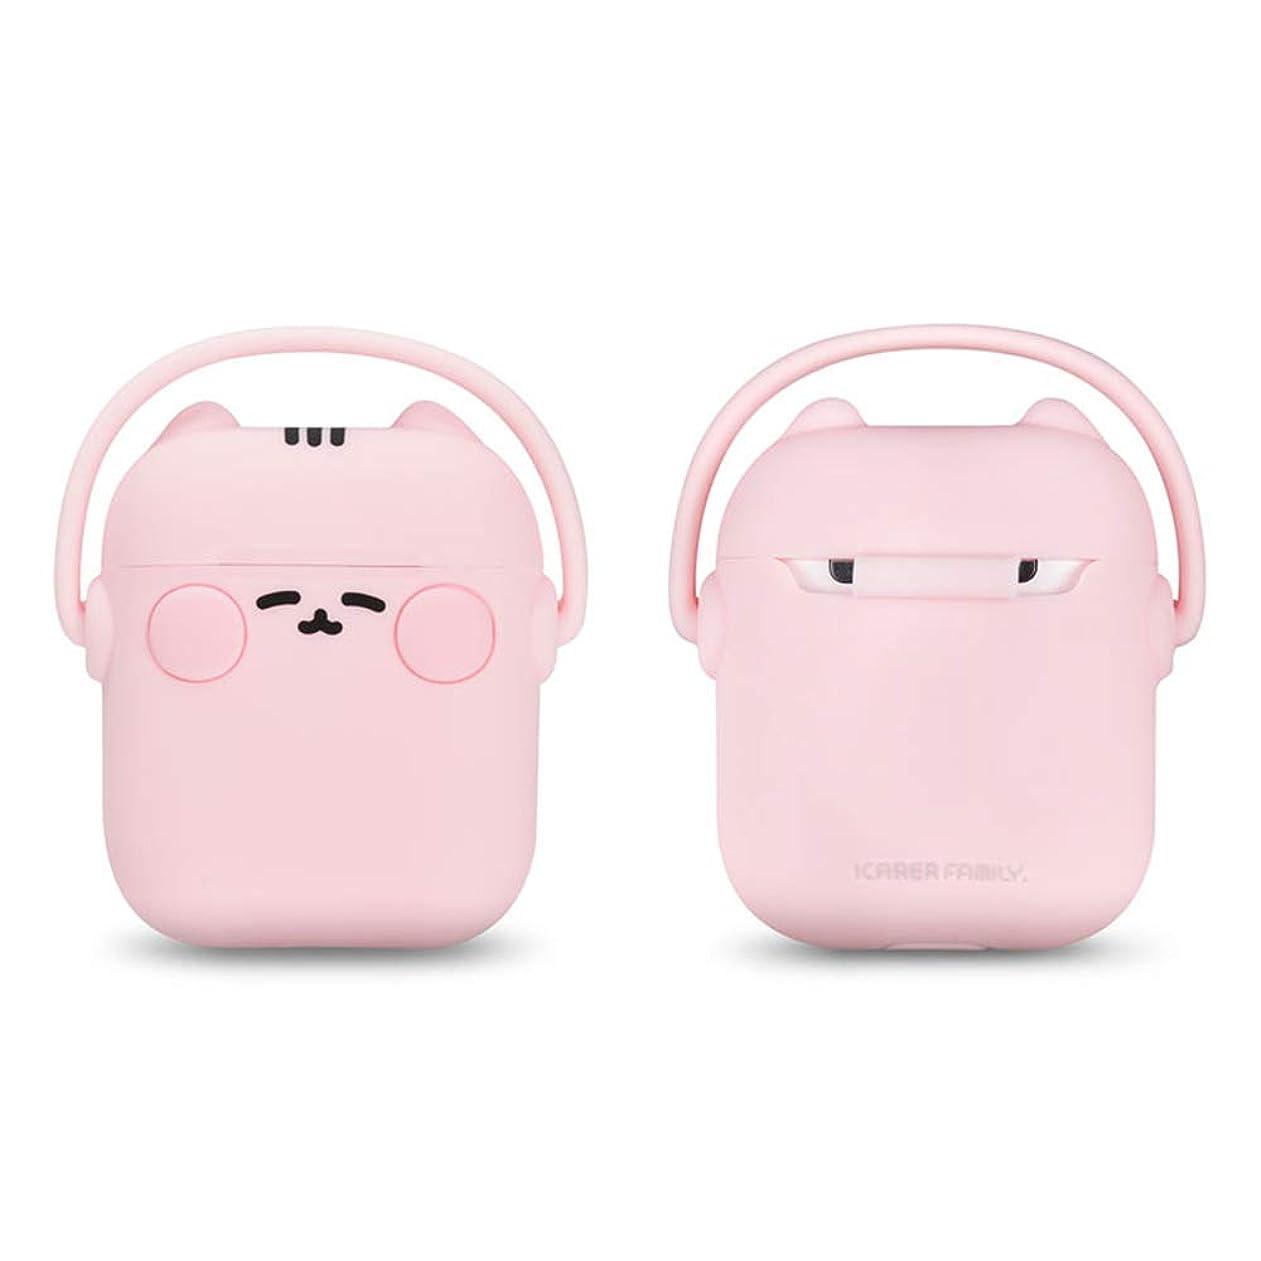 ネクタイ変装した起きるHappon Airpods 1世代&2世代用 シリコンカバー ケース 猫ちゃんイヤホンデザイン かわいい ケース 収納 耐衝撃 萌え萌え 紛失防止 イヤホンケース(Pink)